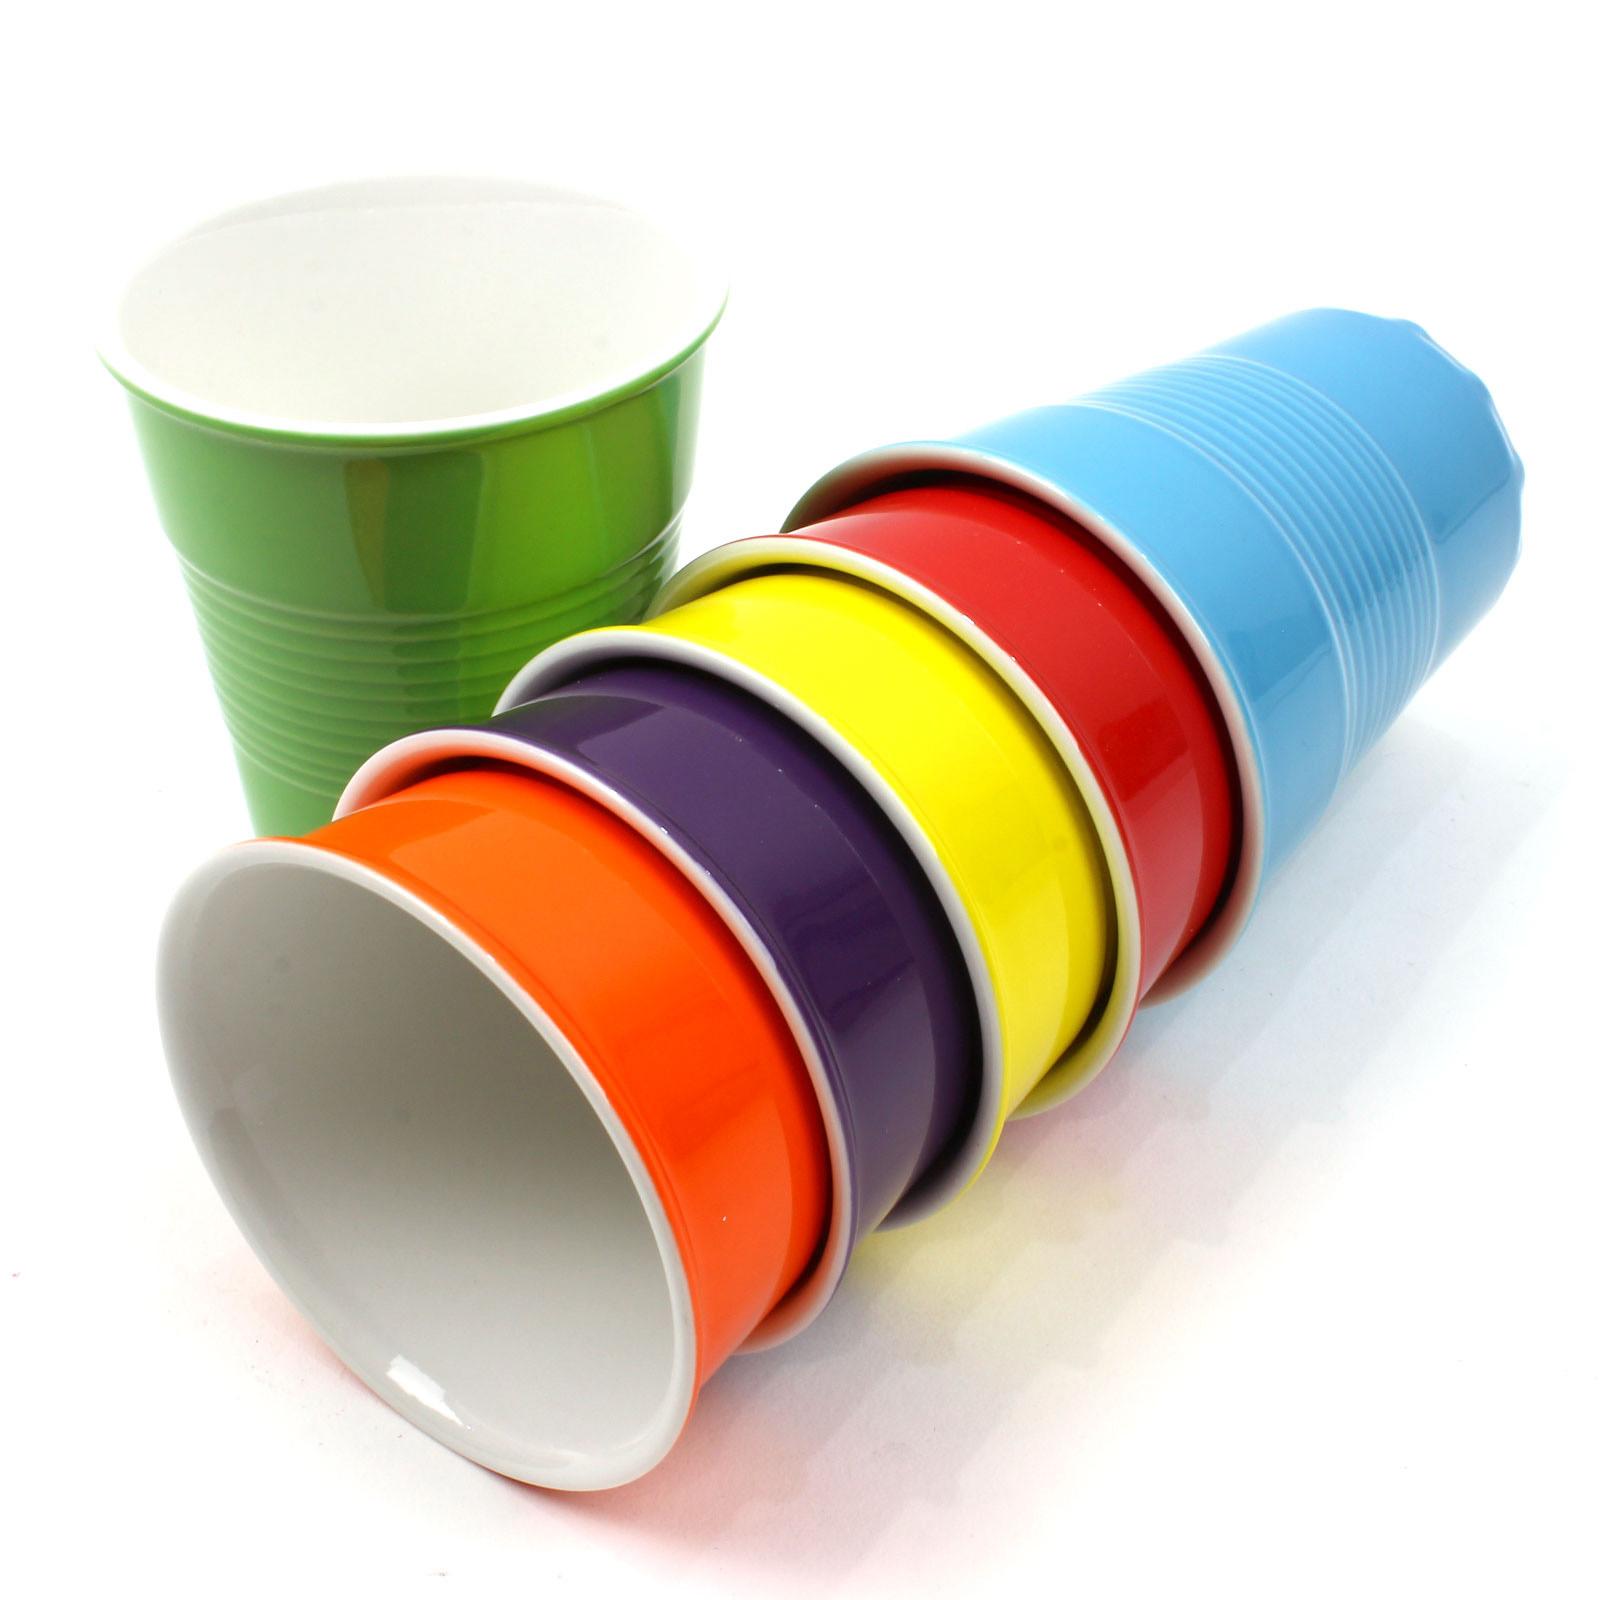 КружкаСтильные и оригинальные кружки в форме стаканчиков изготовлены и качественного фарфора. Сделают ваше чаепитие ярким и запоминающимся. Поднимут настрение вам и вашим гостям.<br>